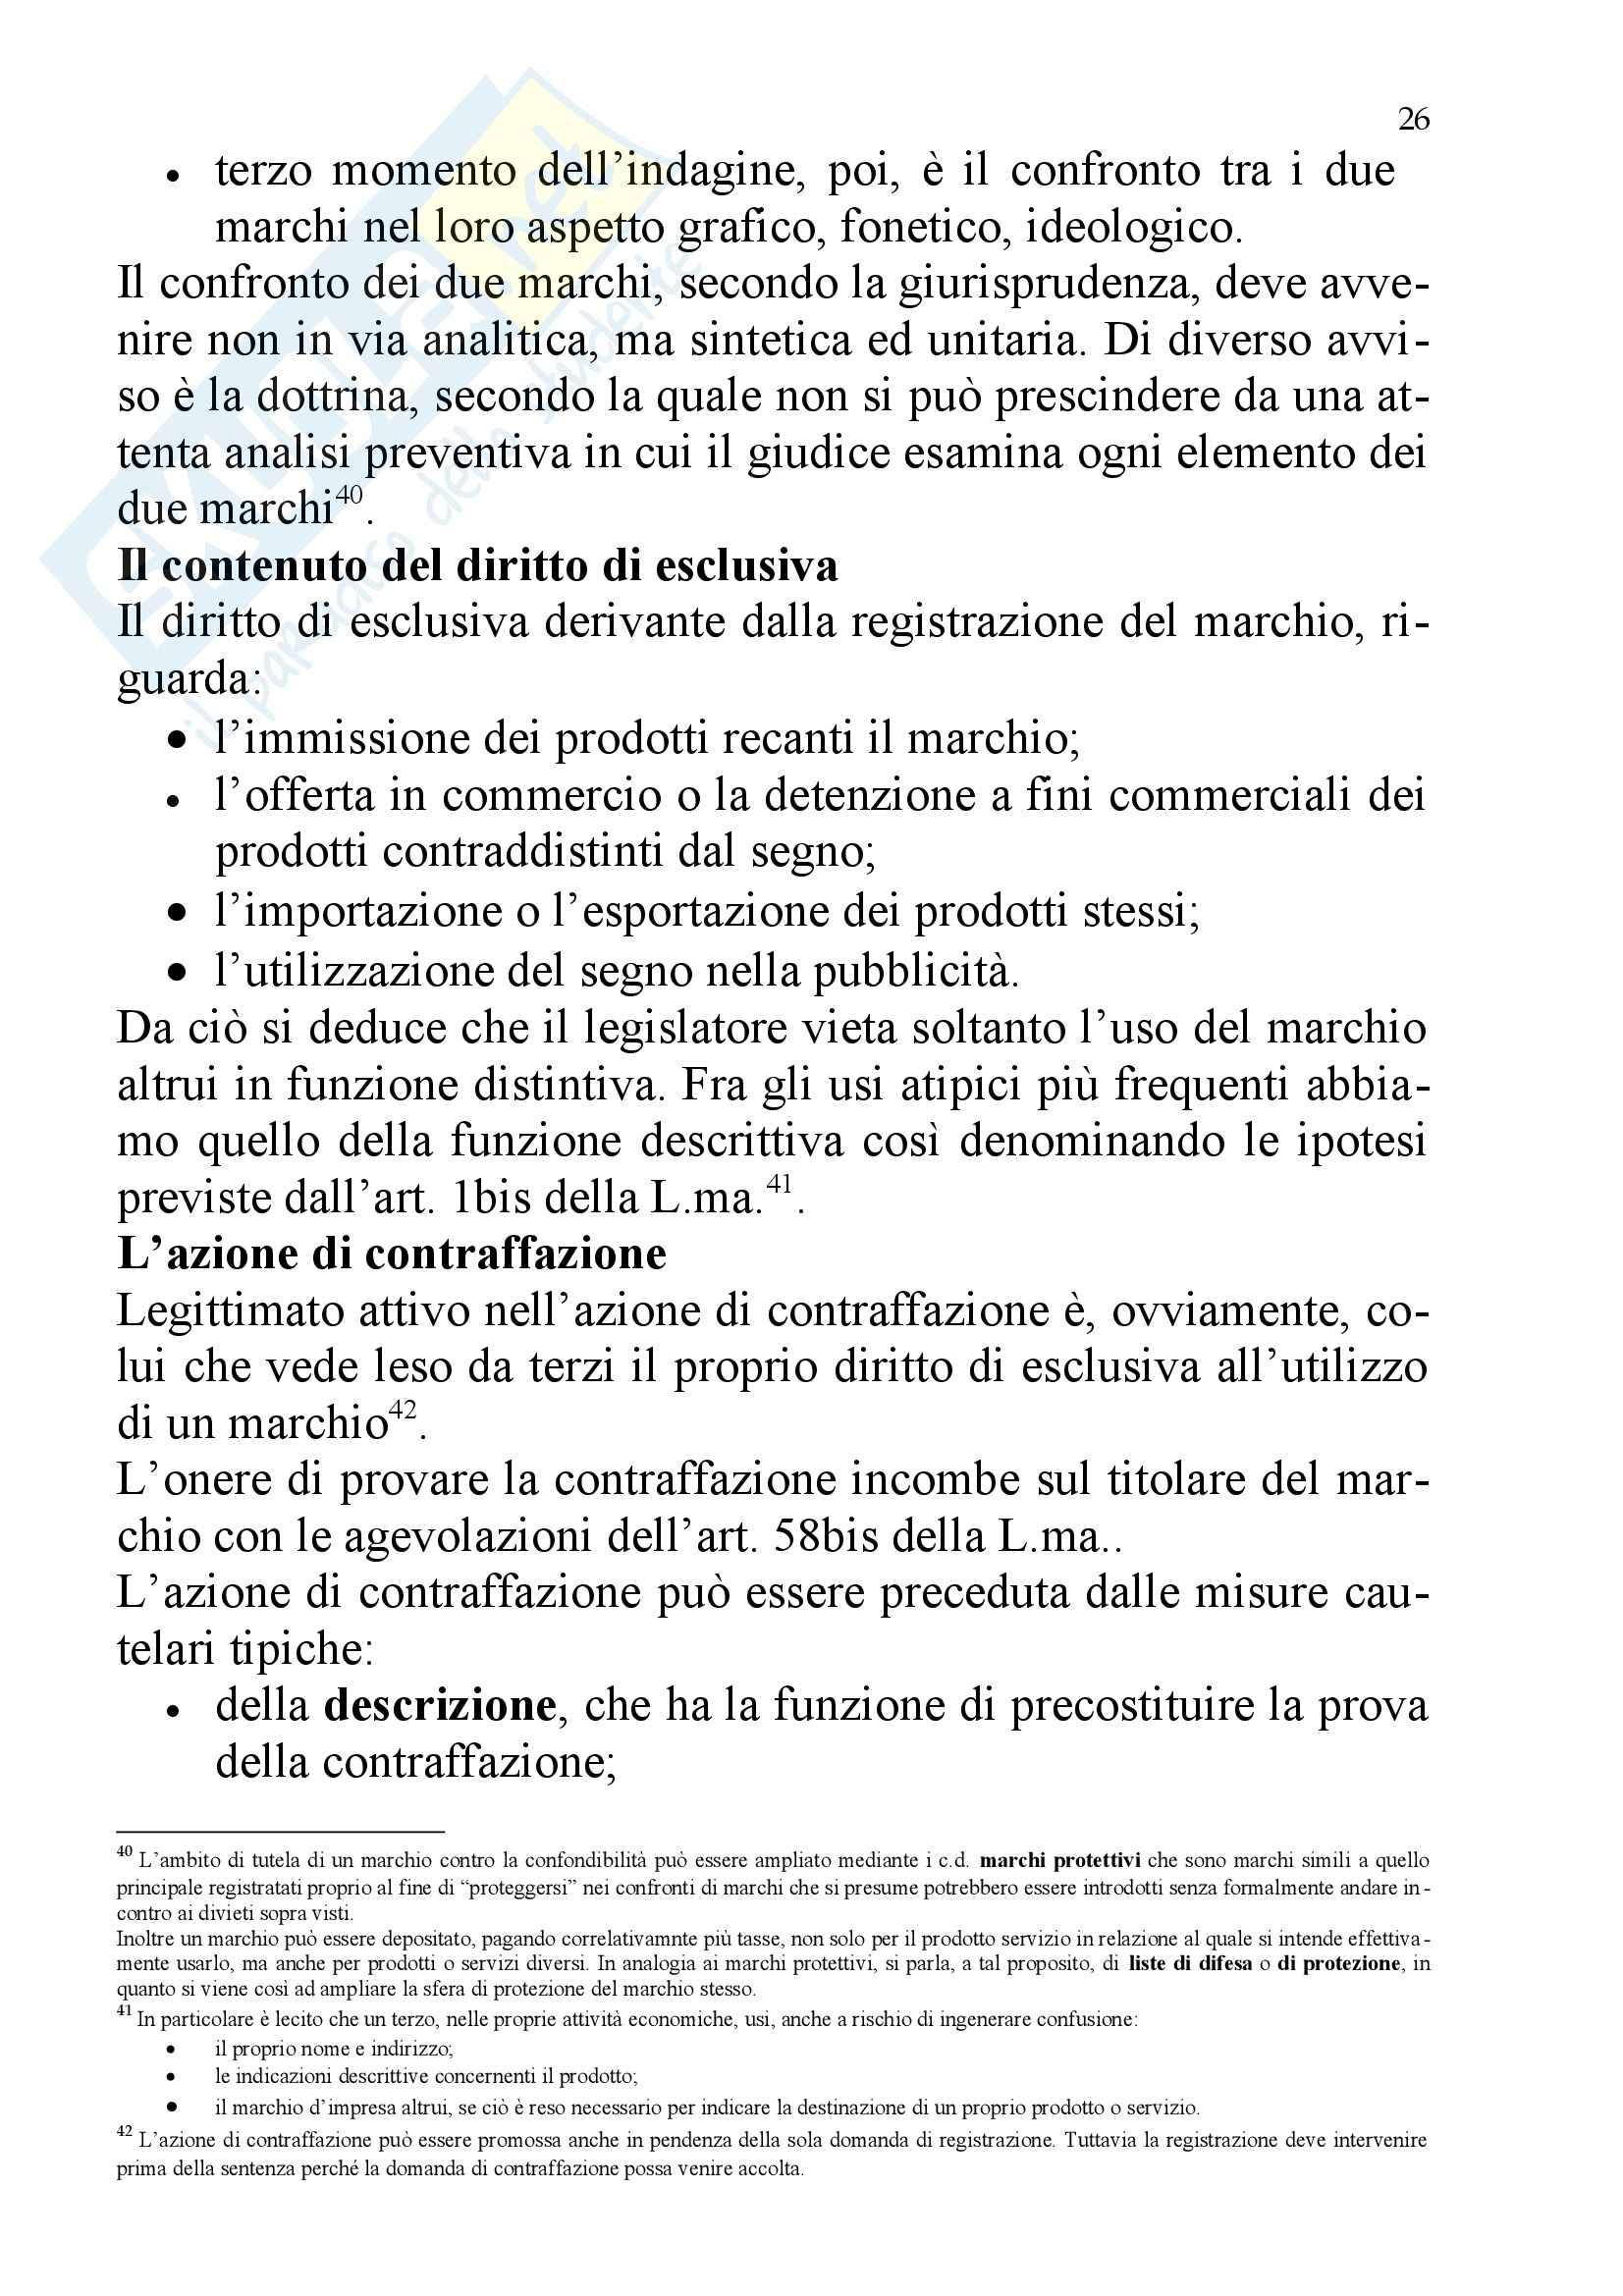 Diritto commerciale - l'evoluzione storica Pag. 26